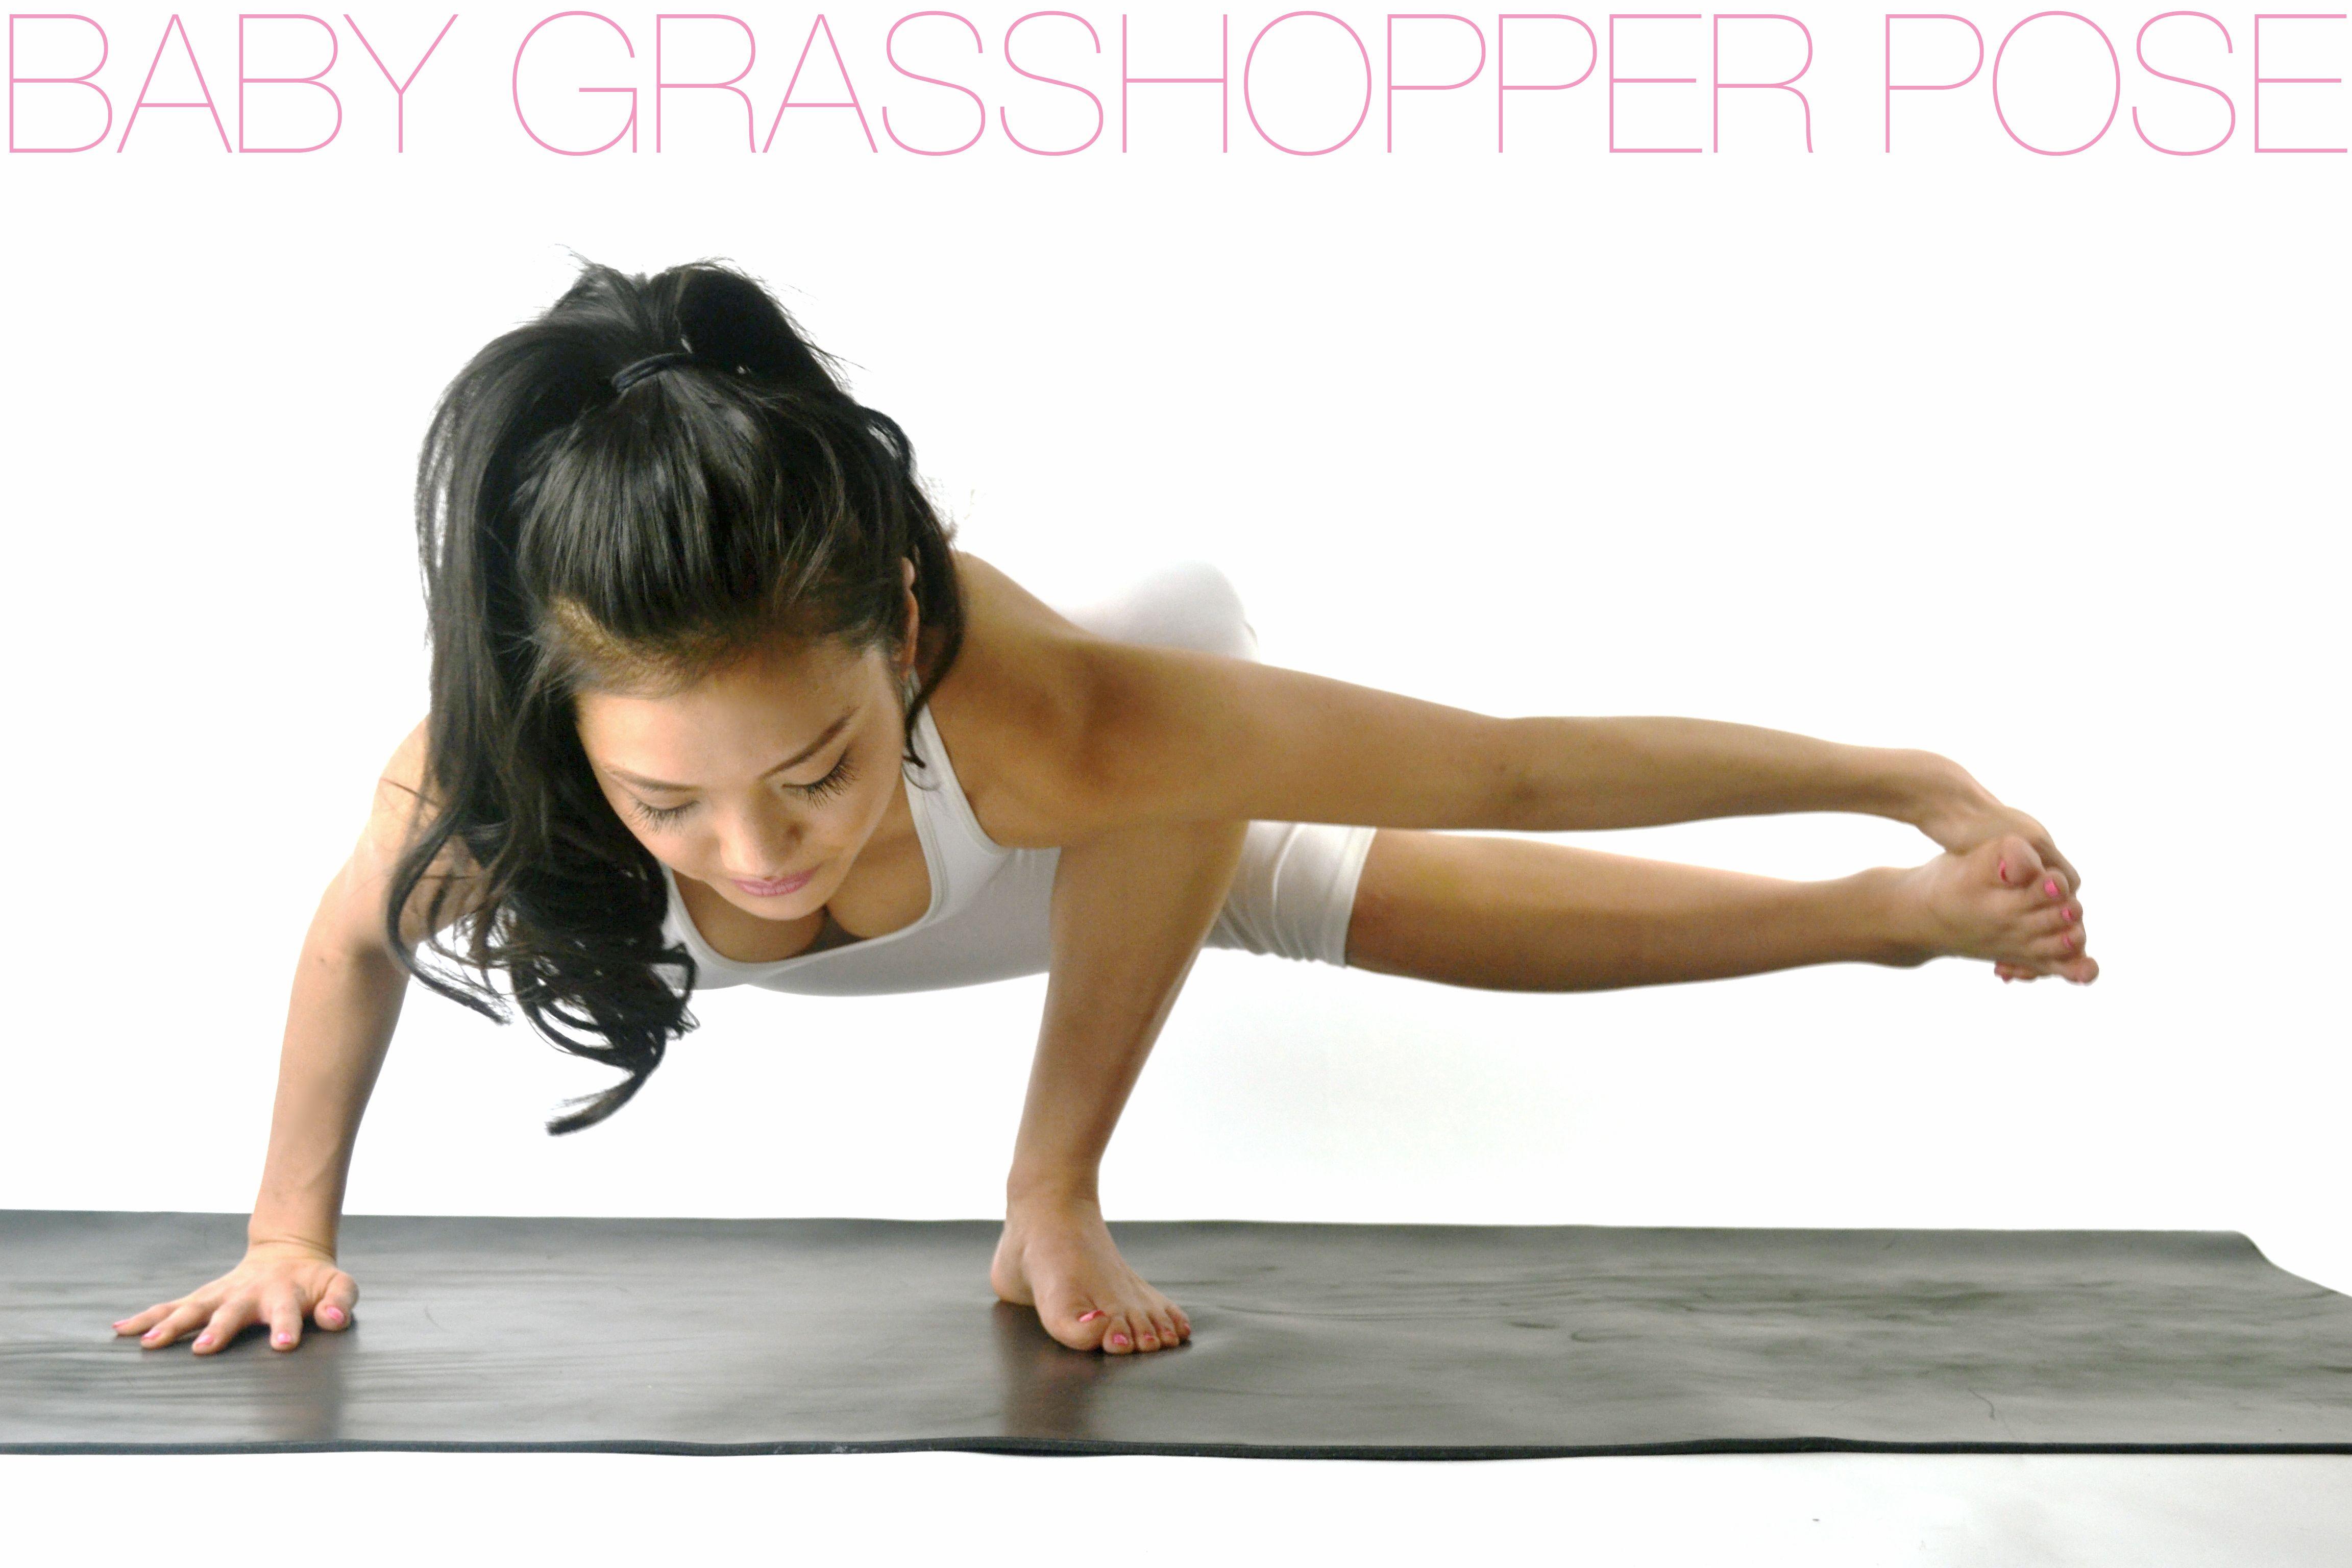 BABY GRASSHOPPER POSE  Grasshopper pose, Yoga poses, Poses